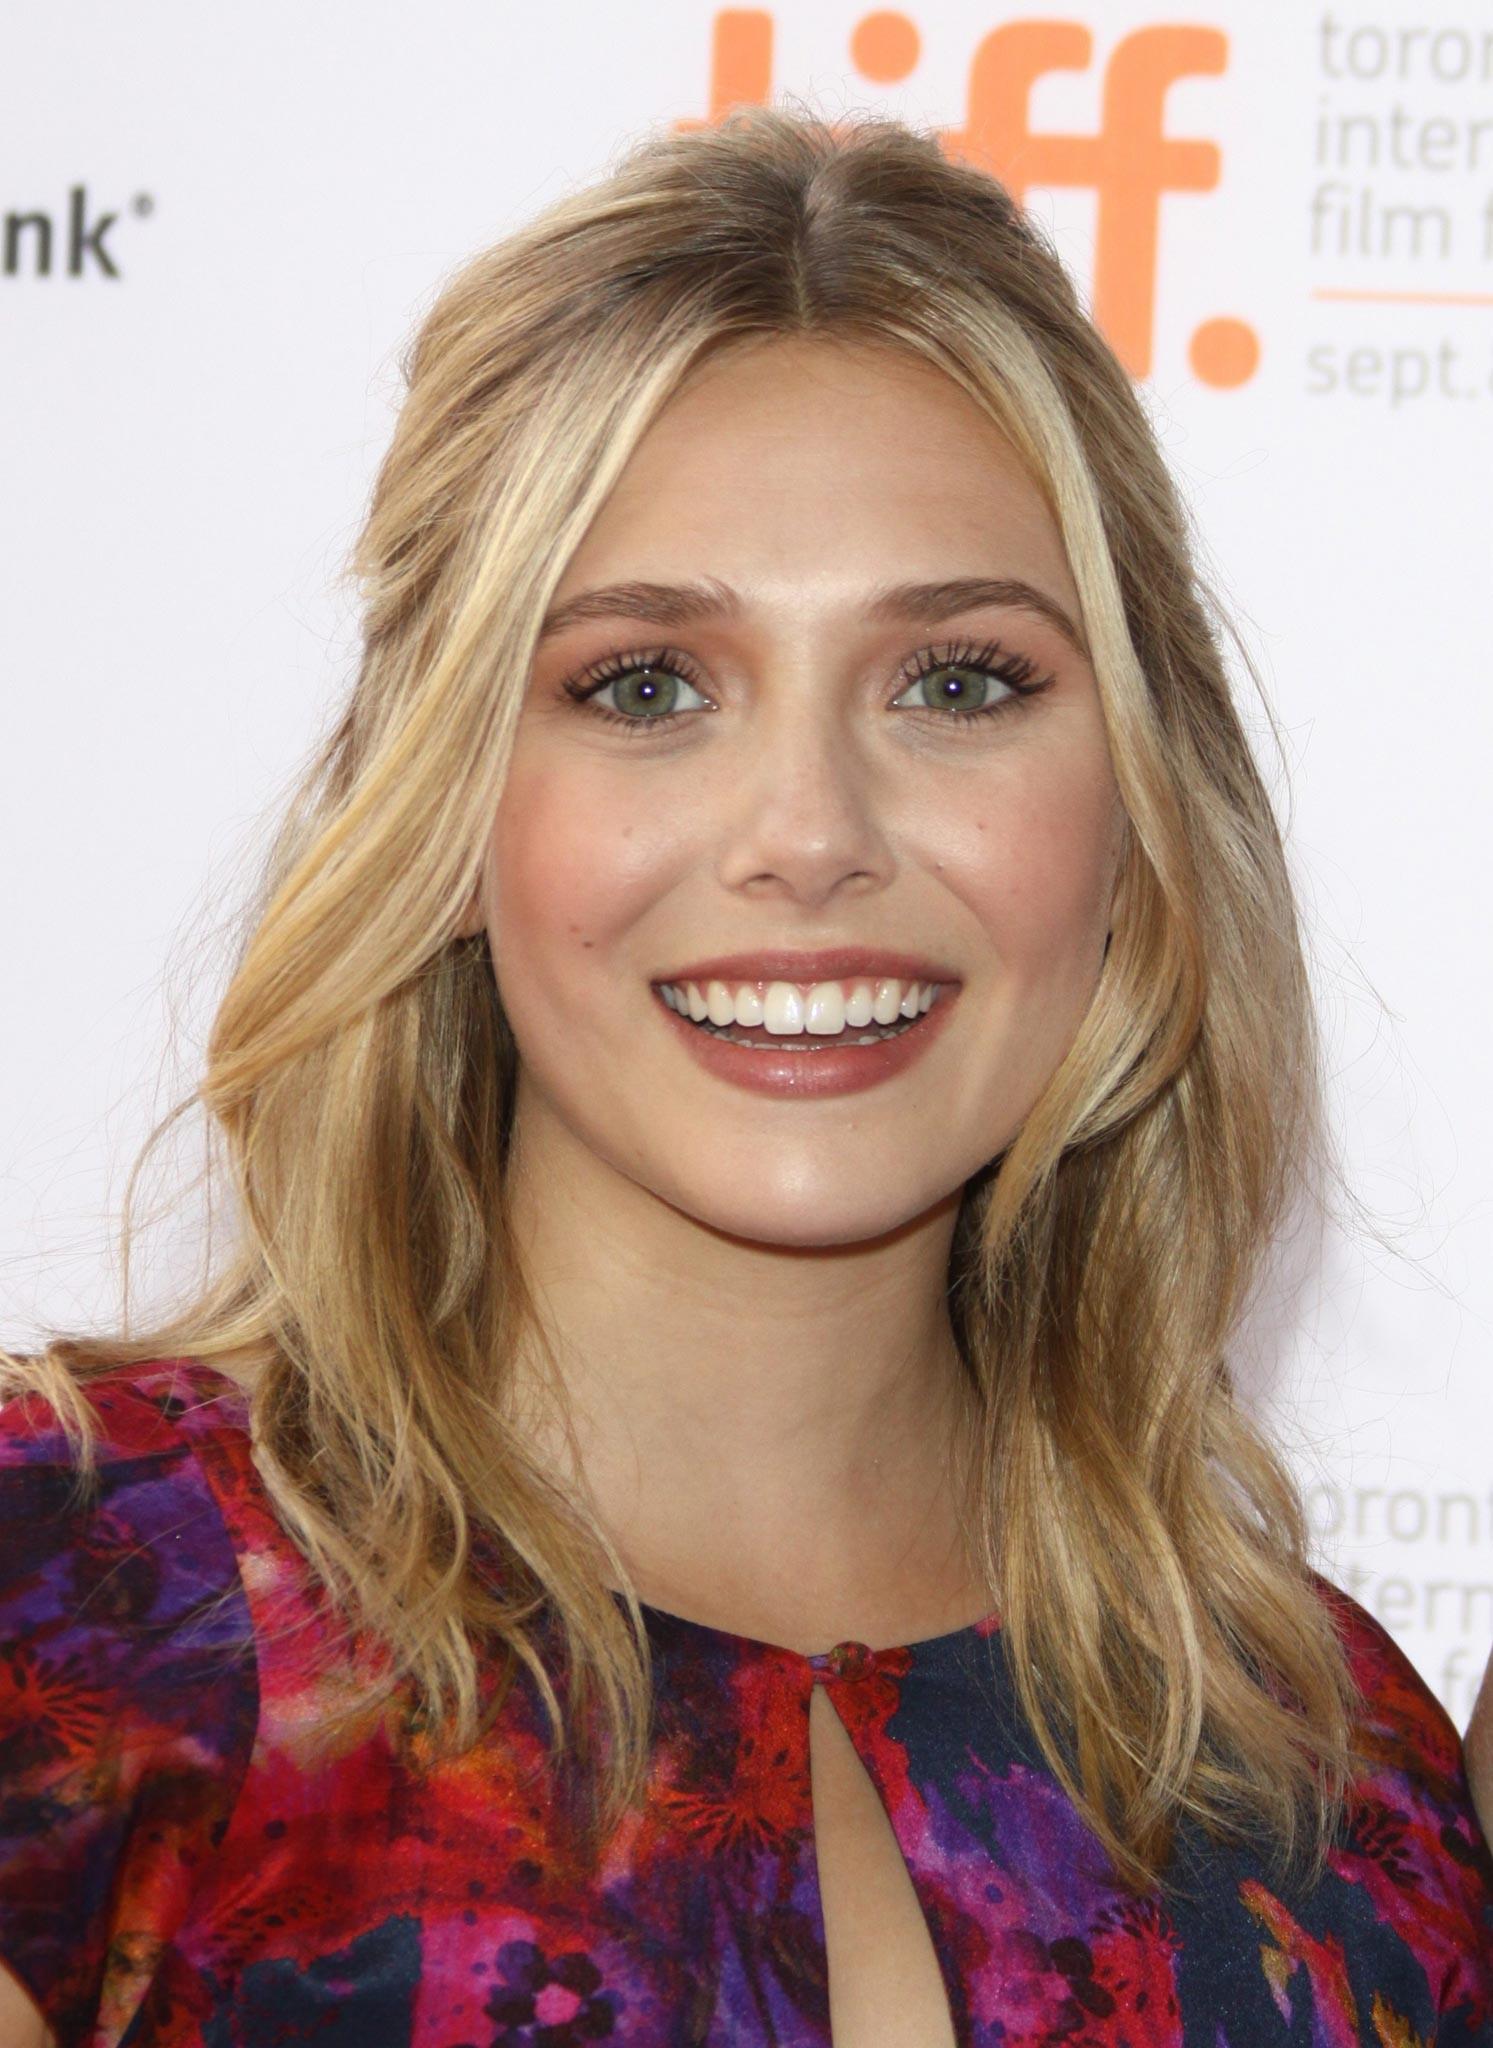 images Elizabeth Olsen born February 16, 1989 (age 29)